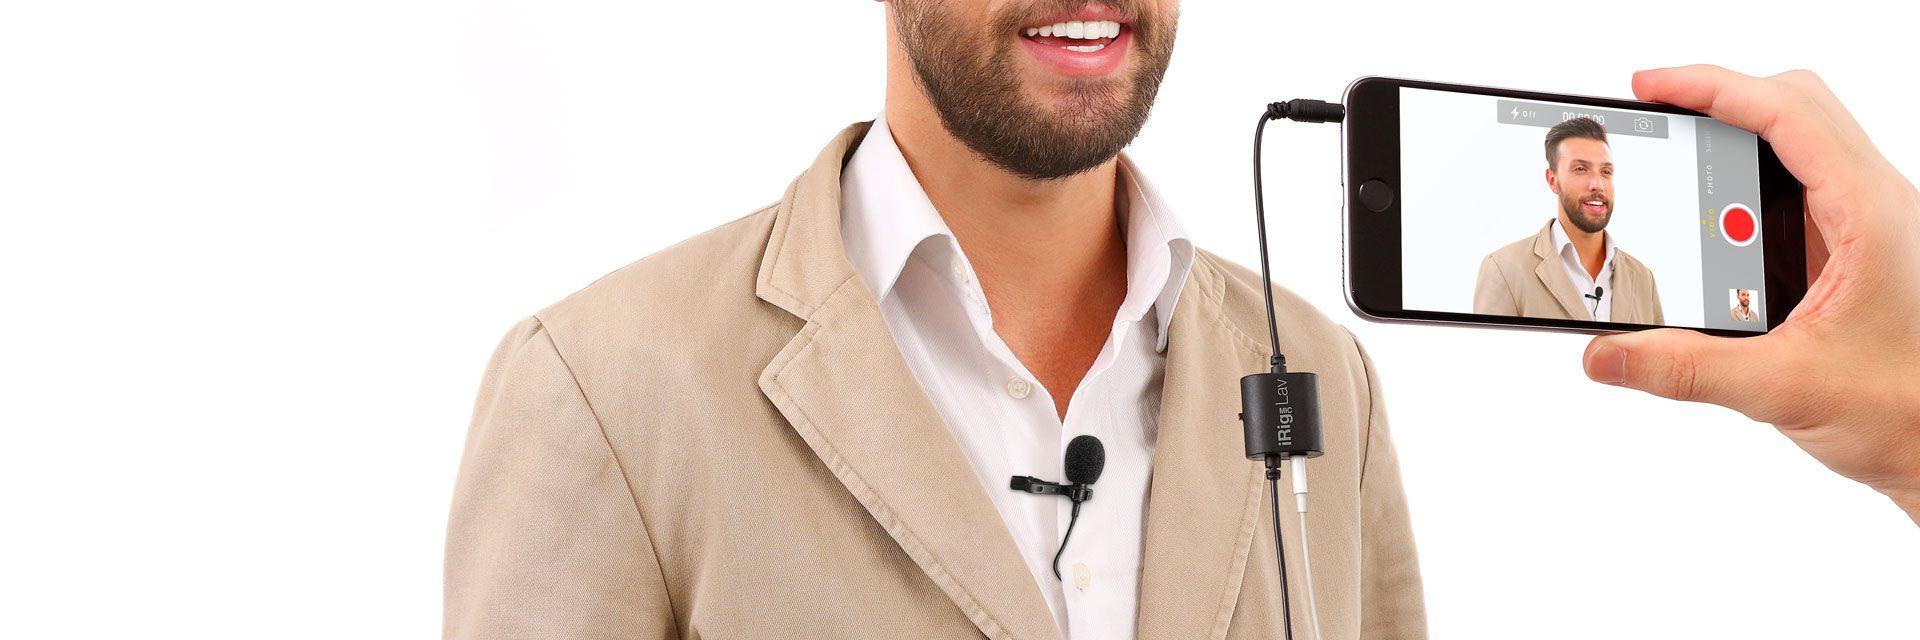 iRig Mic Lav - Microfone de Lapela para Smartphone